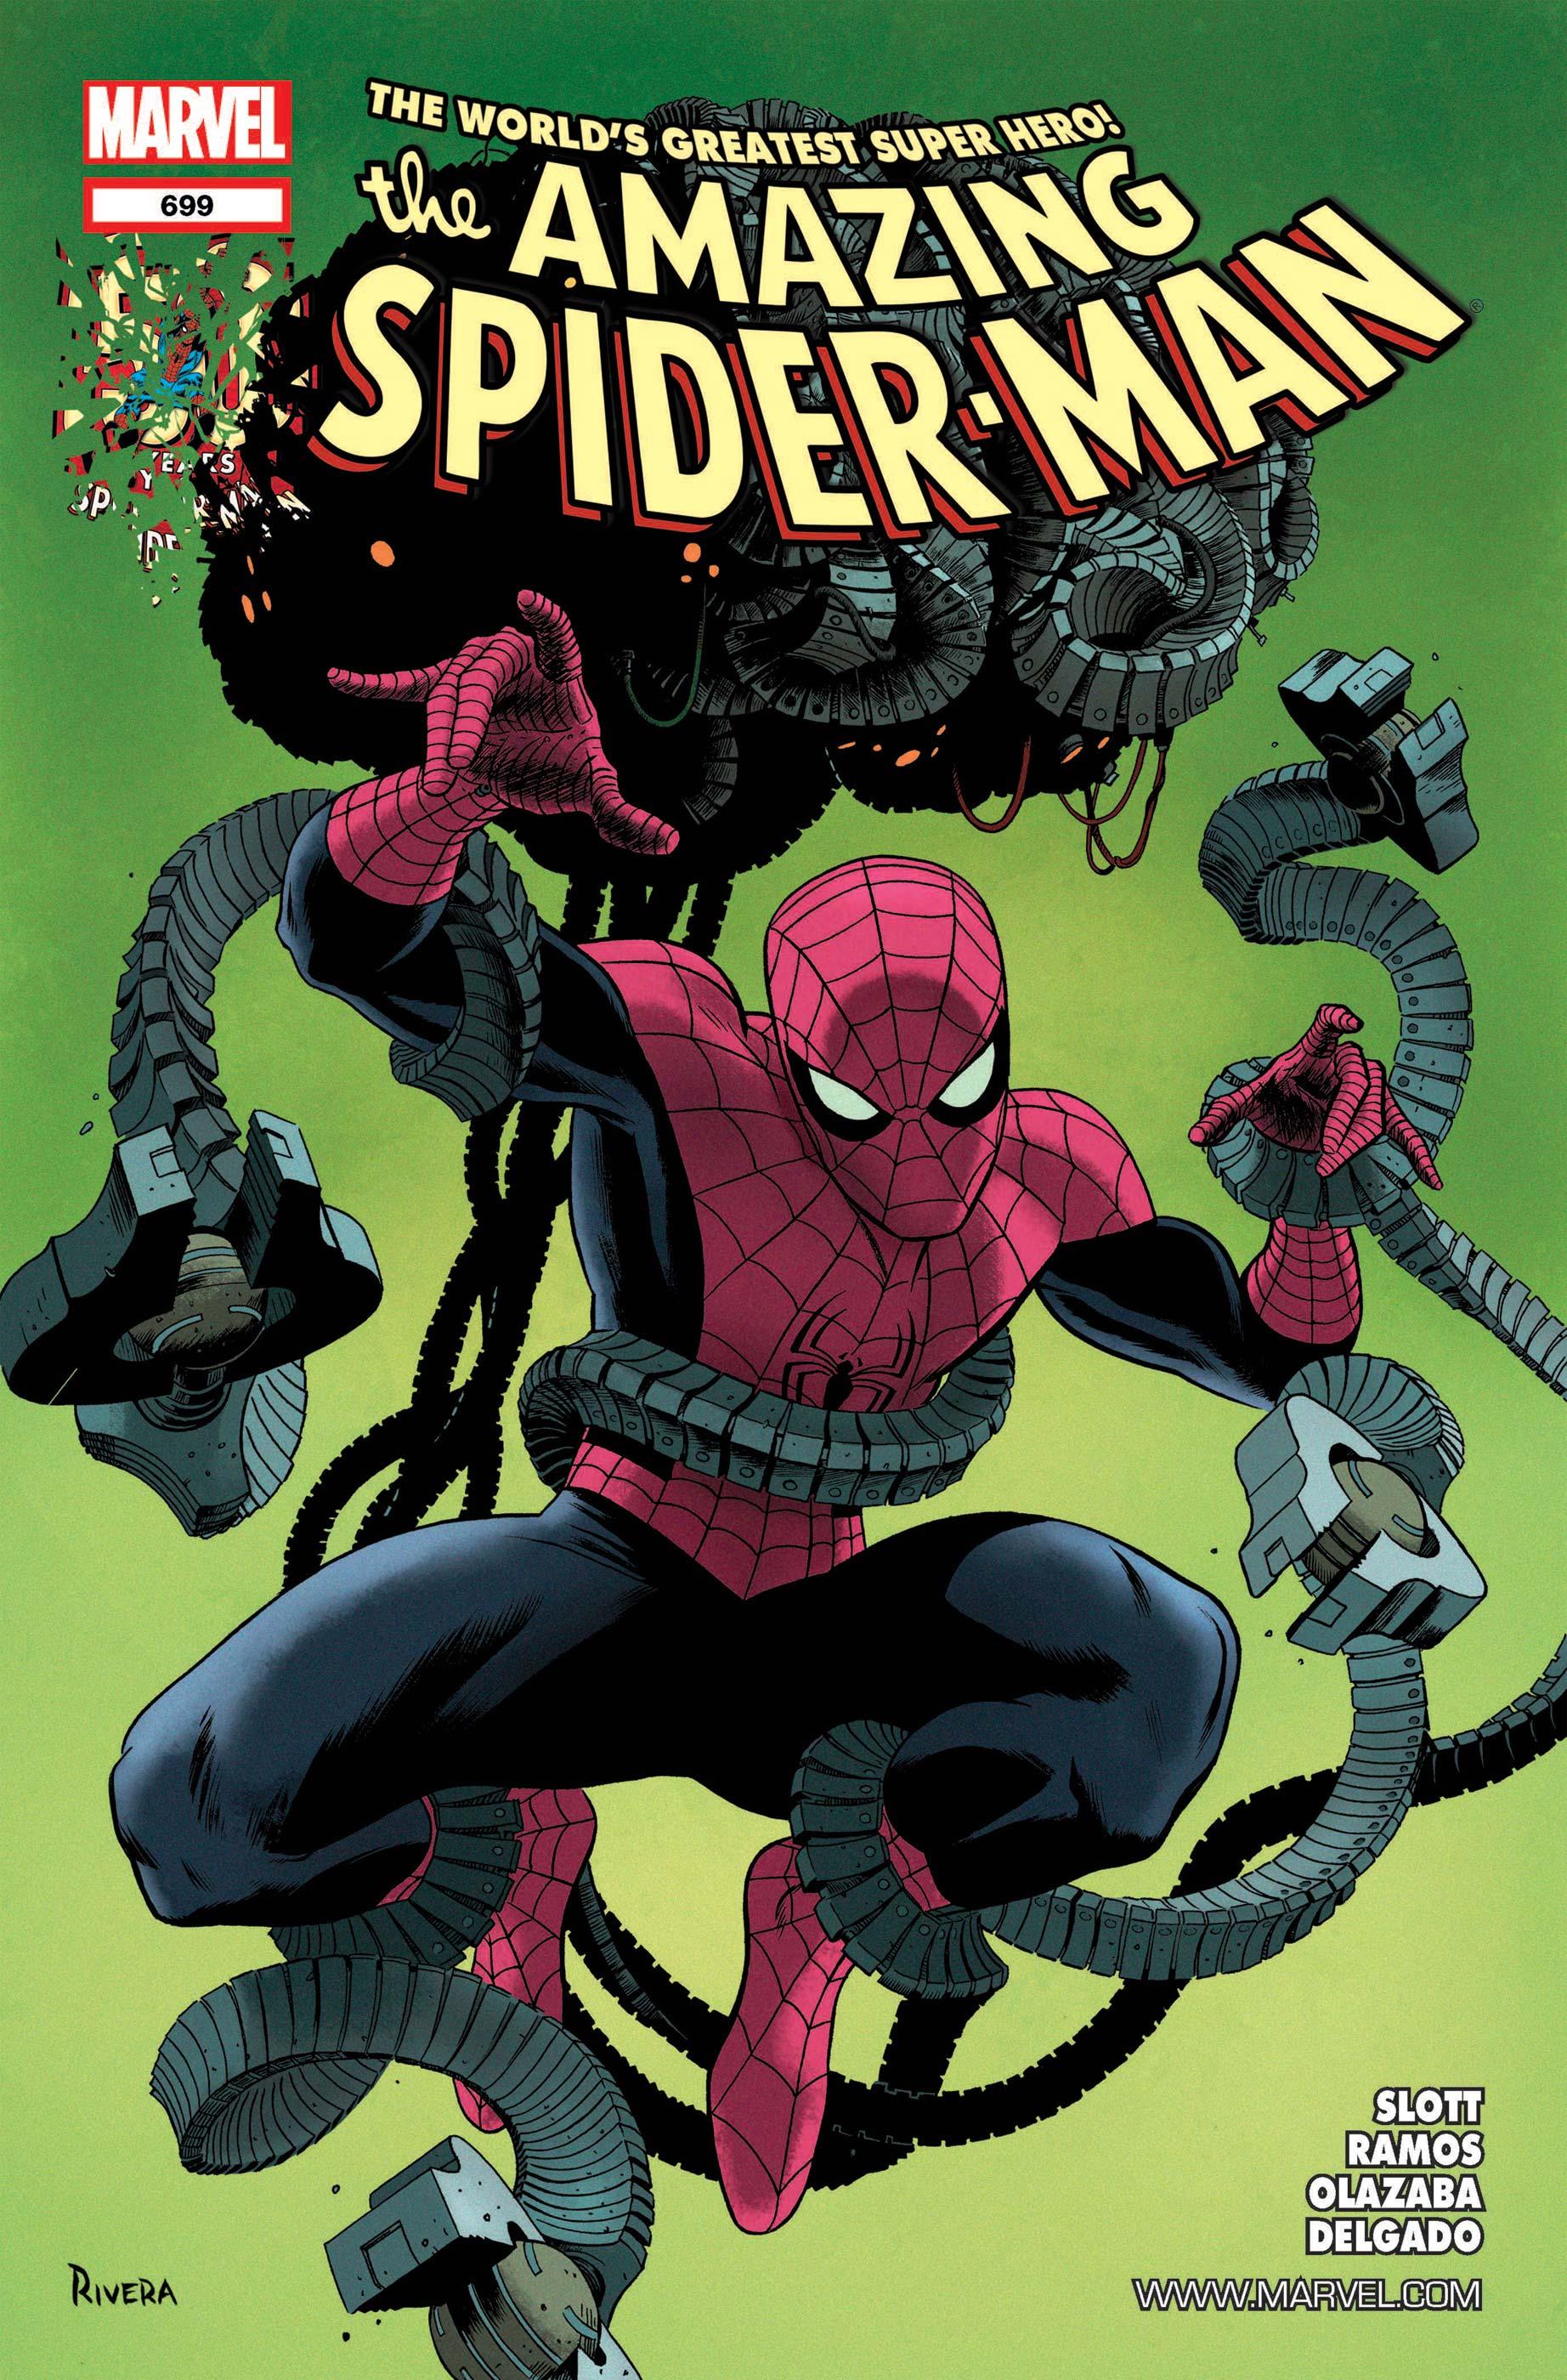 Amazing Spider-Man (1999) #699